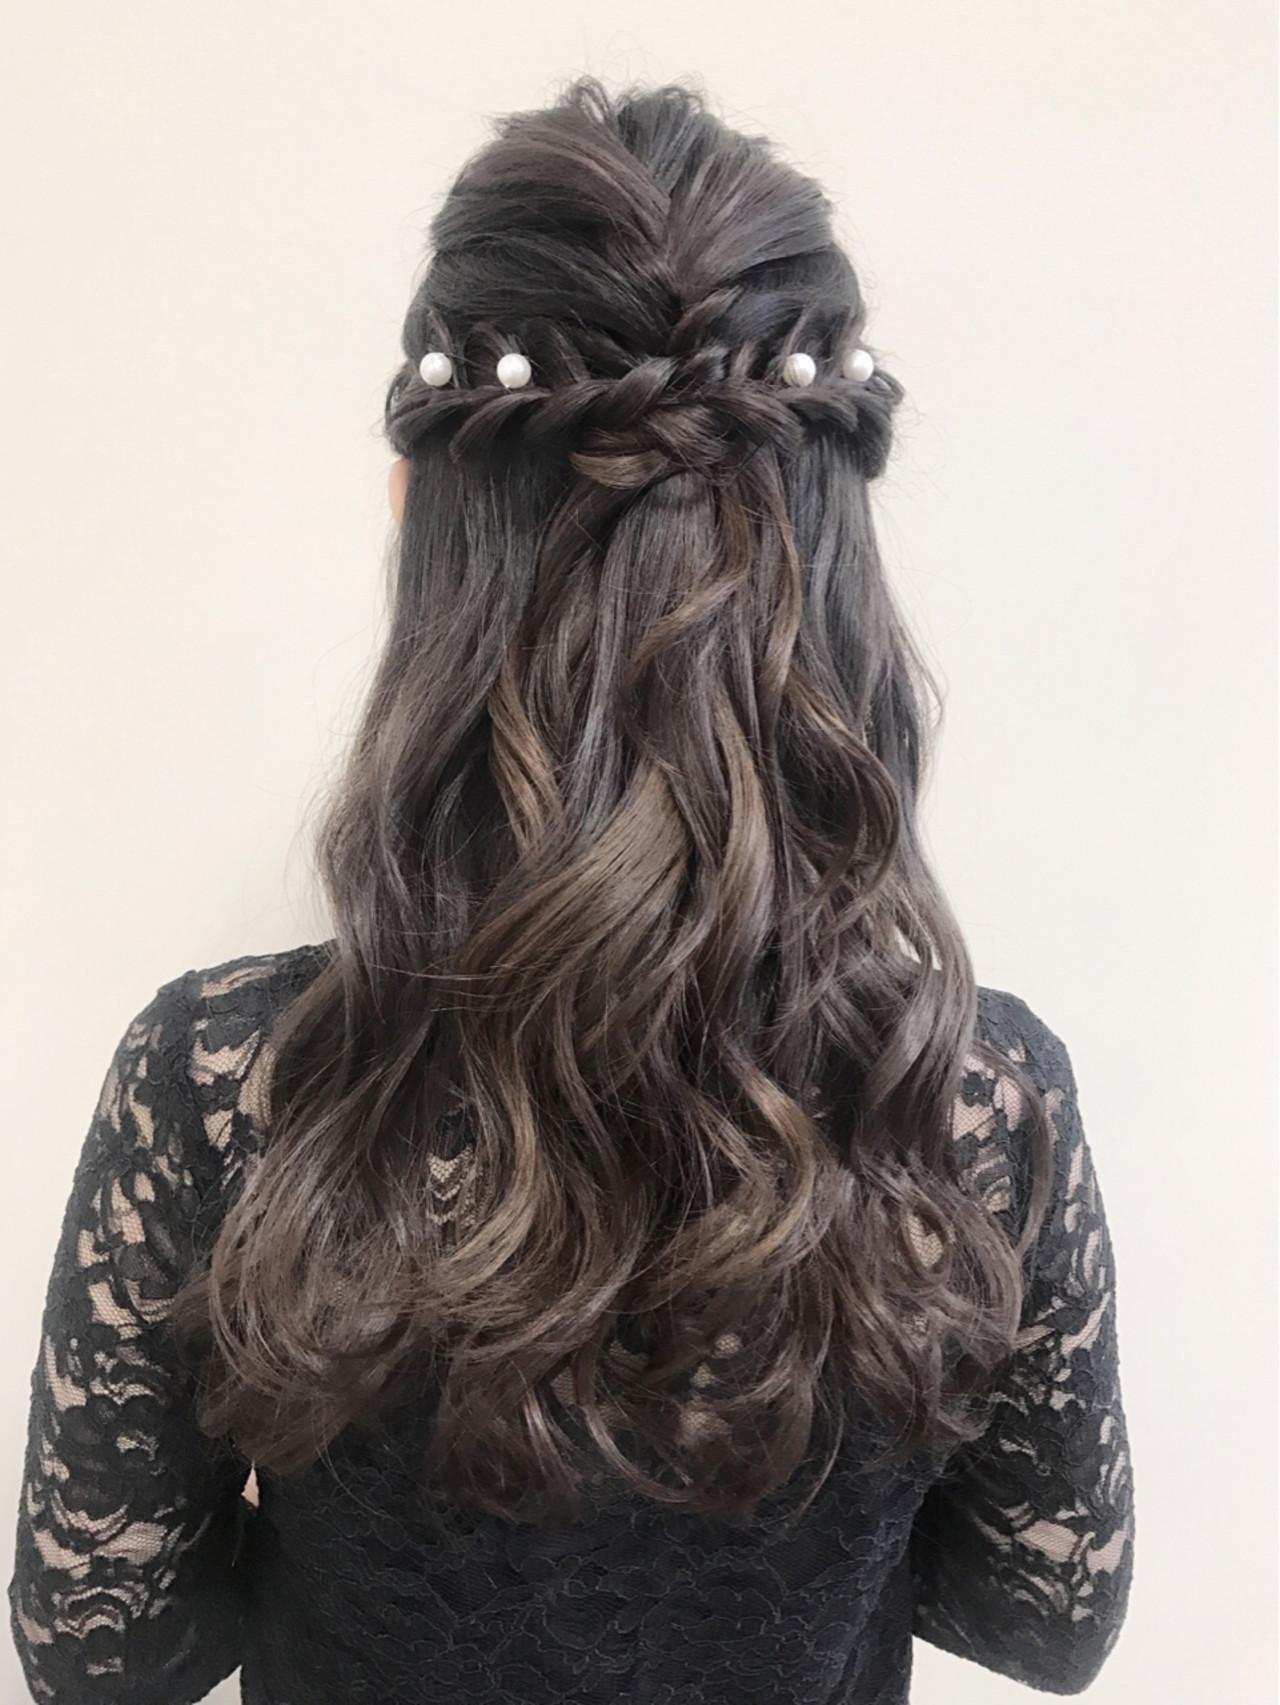 ヘアアレンジ ハーフアップ ロング 結婚式 ヘアスタイルや髪型の写真・画像 | 沢田 瞳 / owlhair